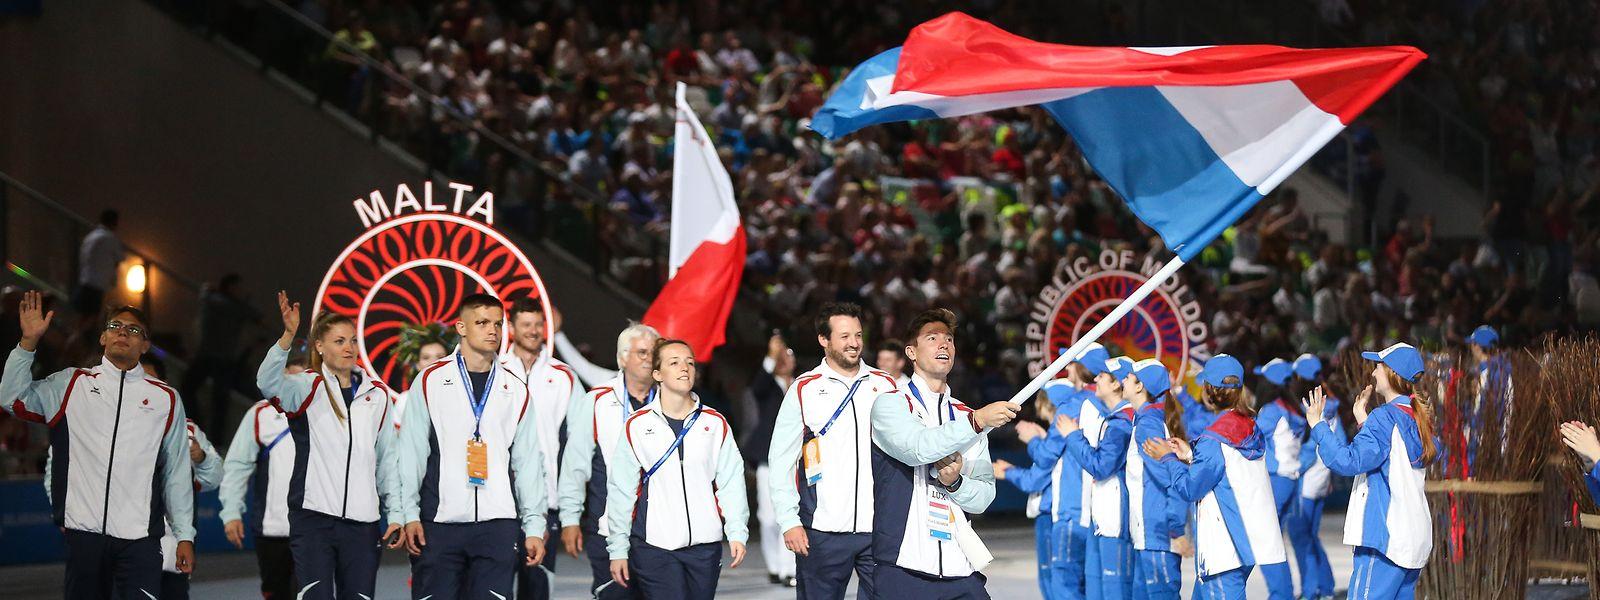 Als Fahnenträger bei den Europaspielen 2019 in Minsk erlebt Robert Mann einen seiner stolzesten Momente.